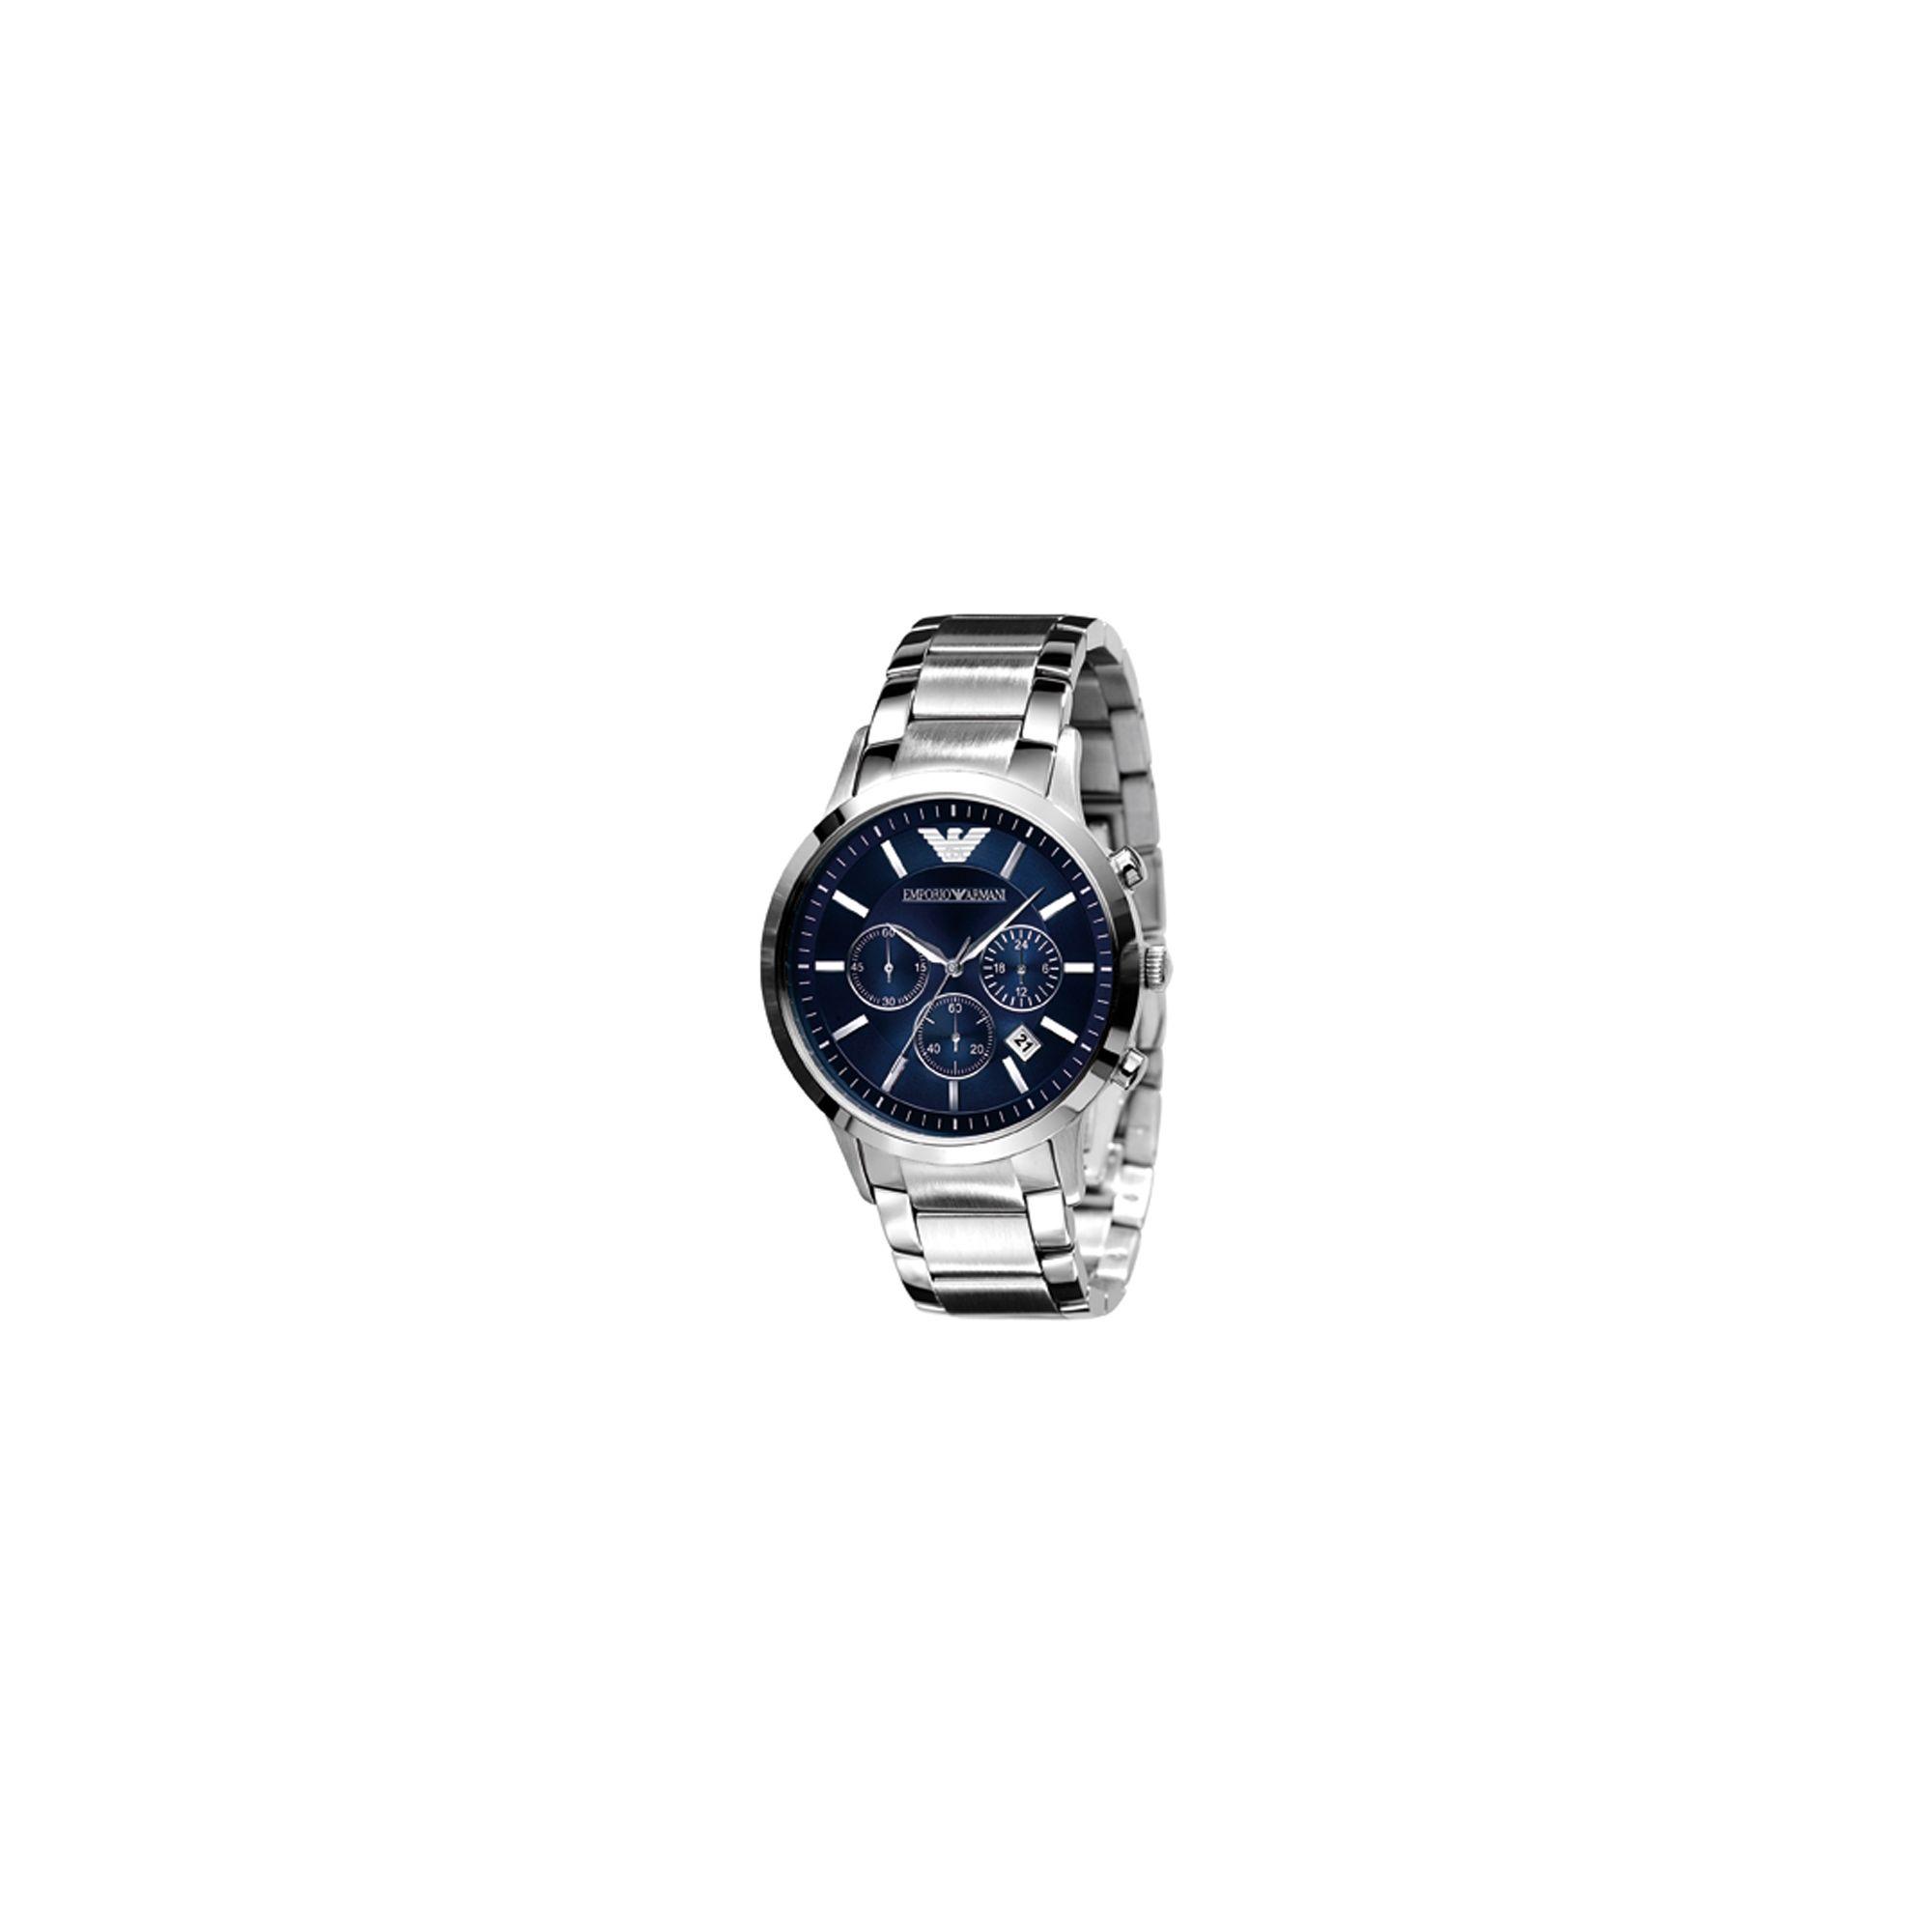 Emporio Armani Chrono Watch AR2448 at Tesco Direct